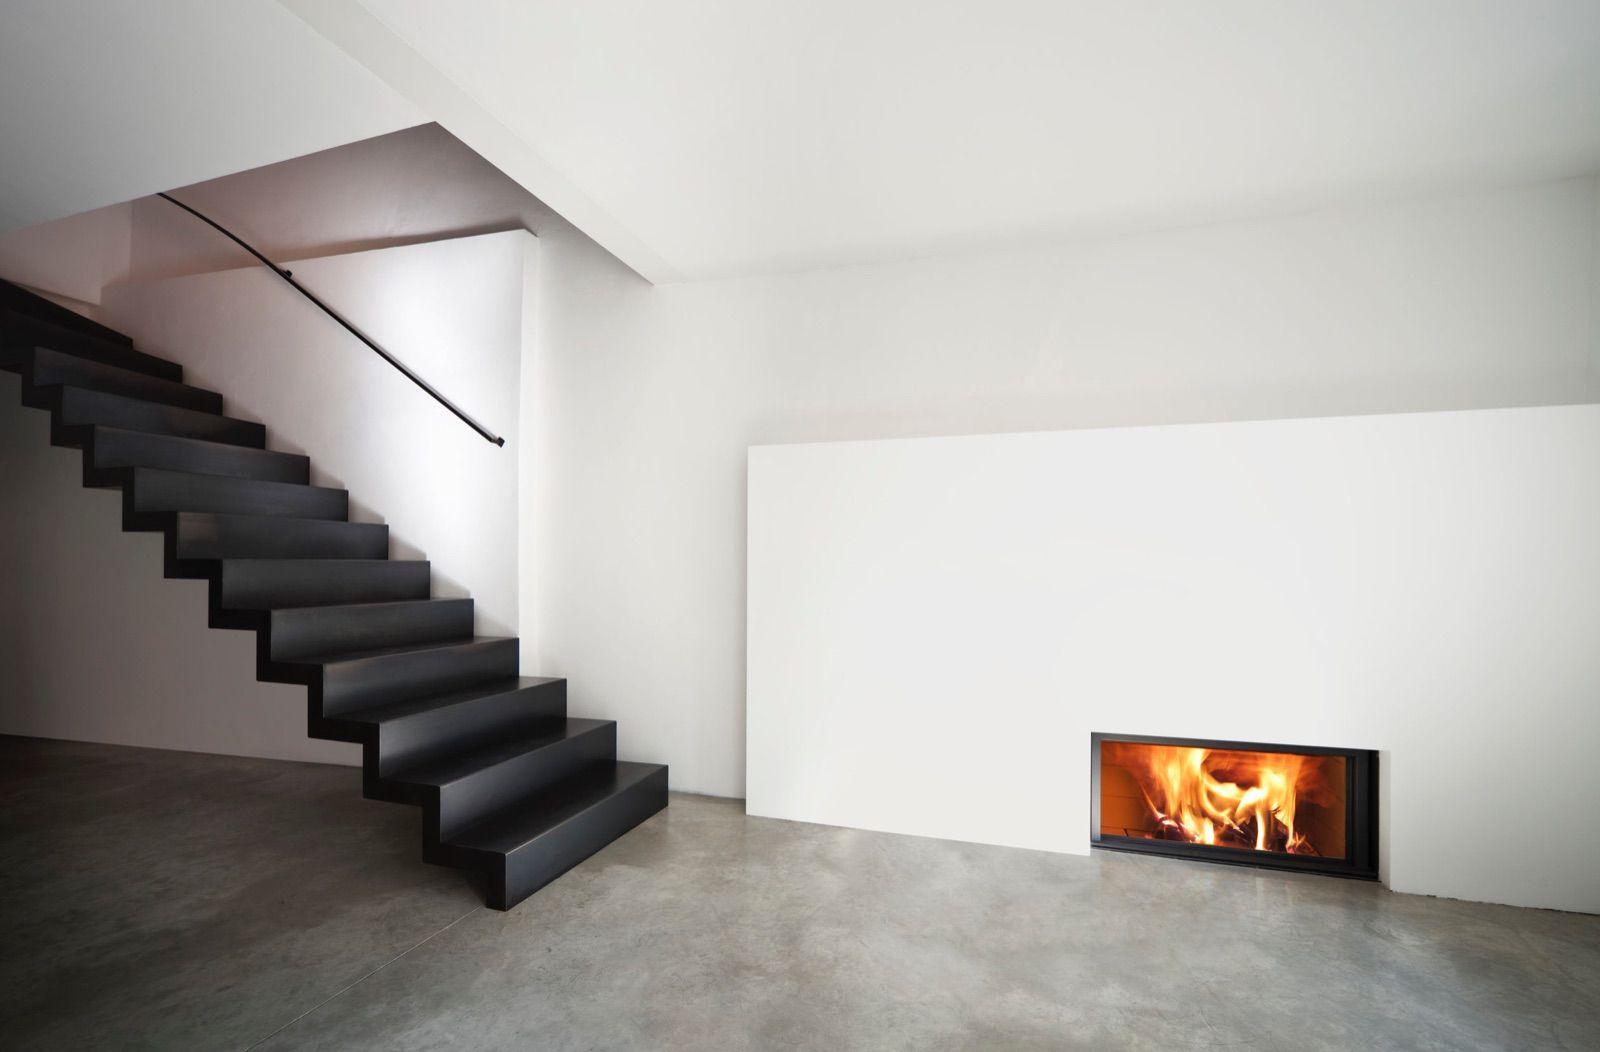 Unutarnje stepenice - unutarnji dizajn